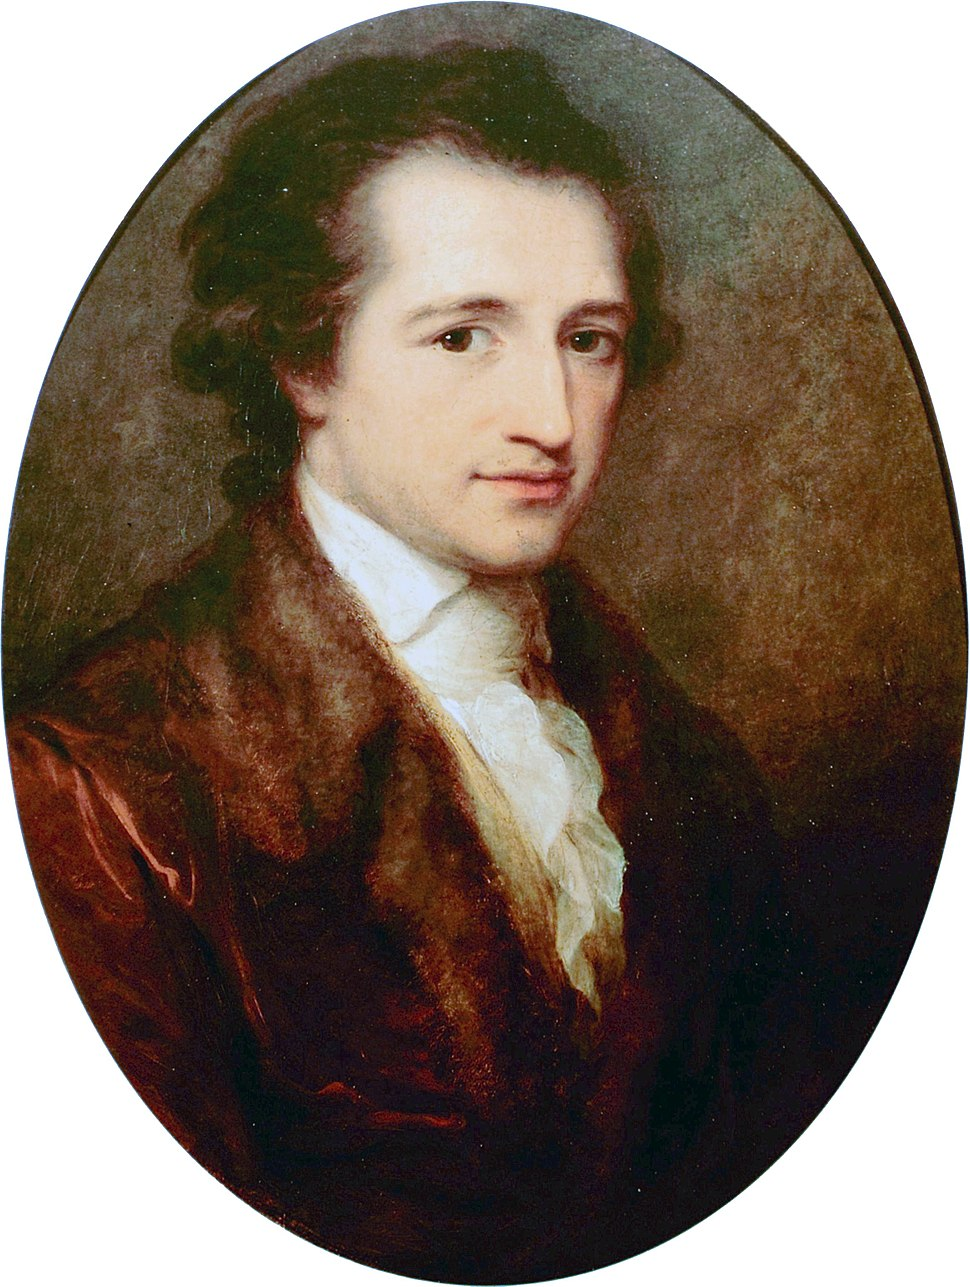 Der junge Goethe, gemalt von Angelica Kauffmann 1787